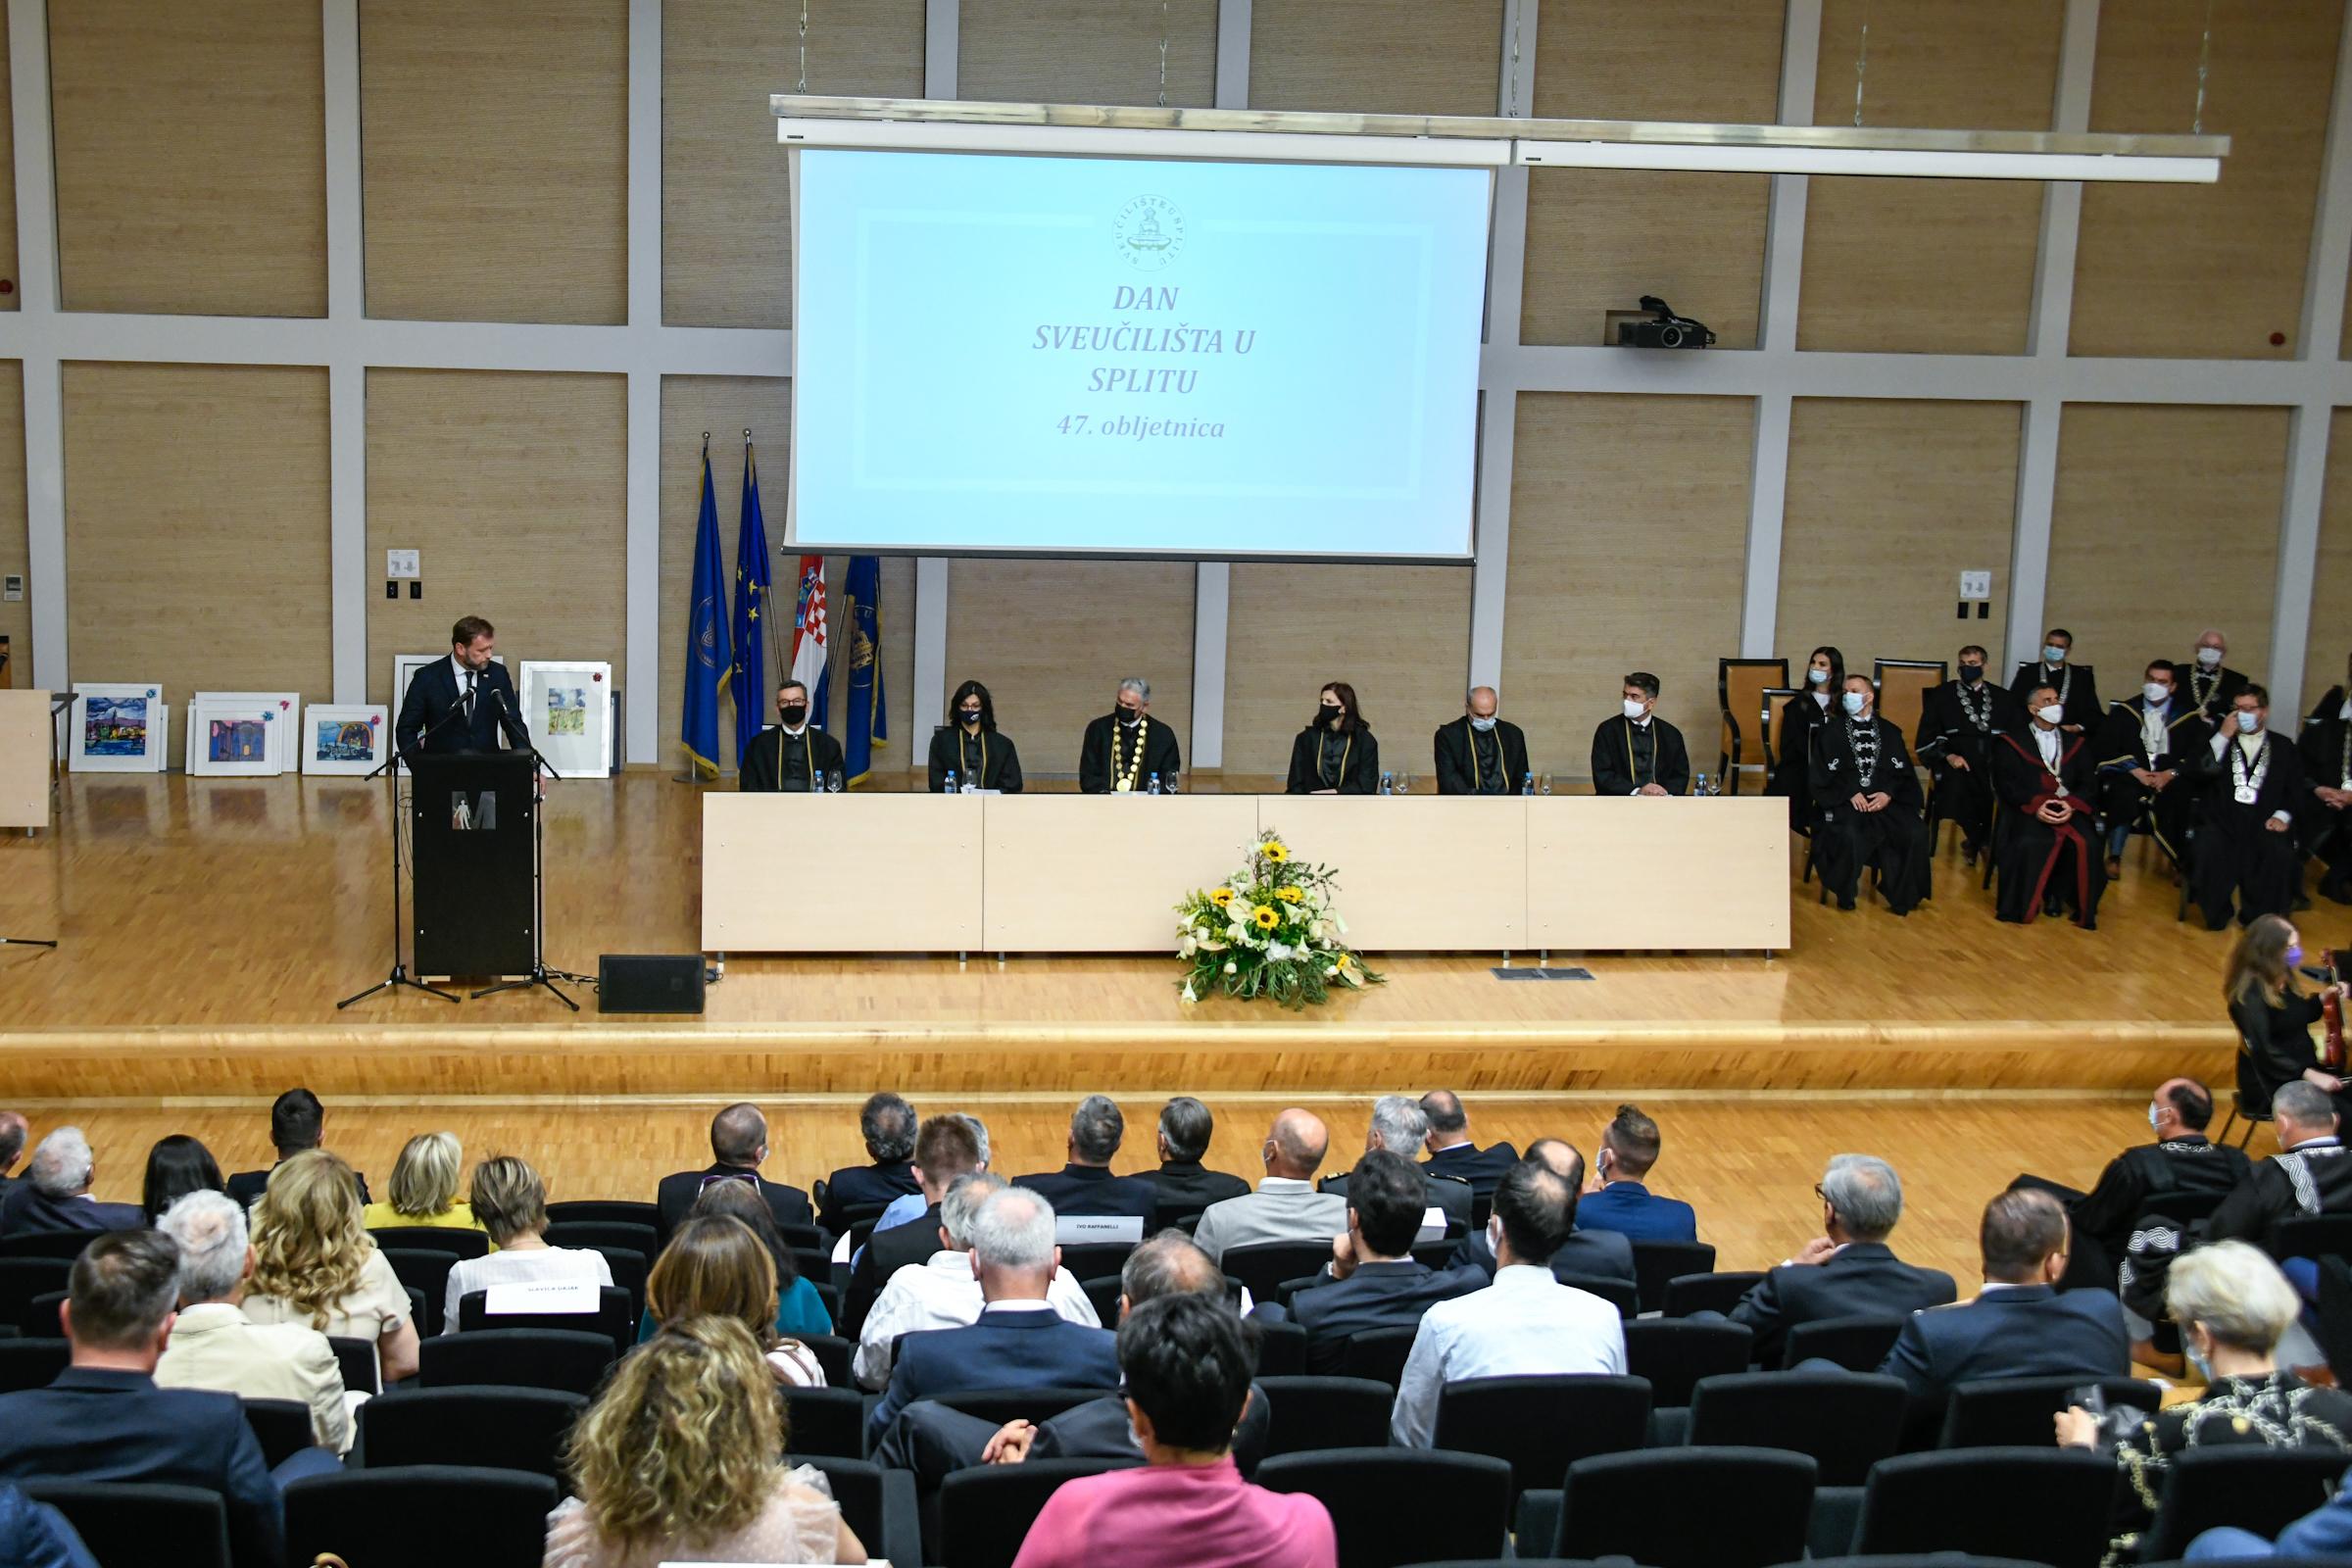 Banožić na proslavi 47. obljetnice osnutka Sveučilišta u Splitu